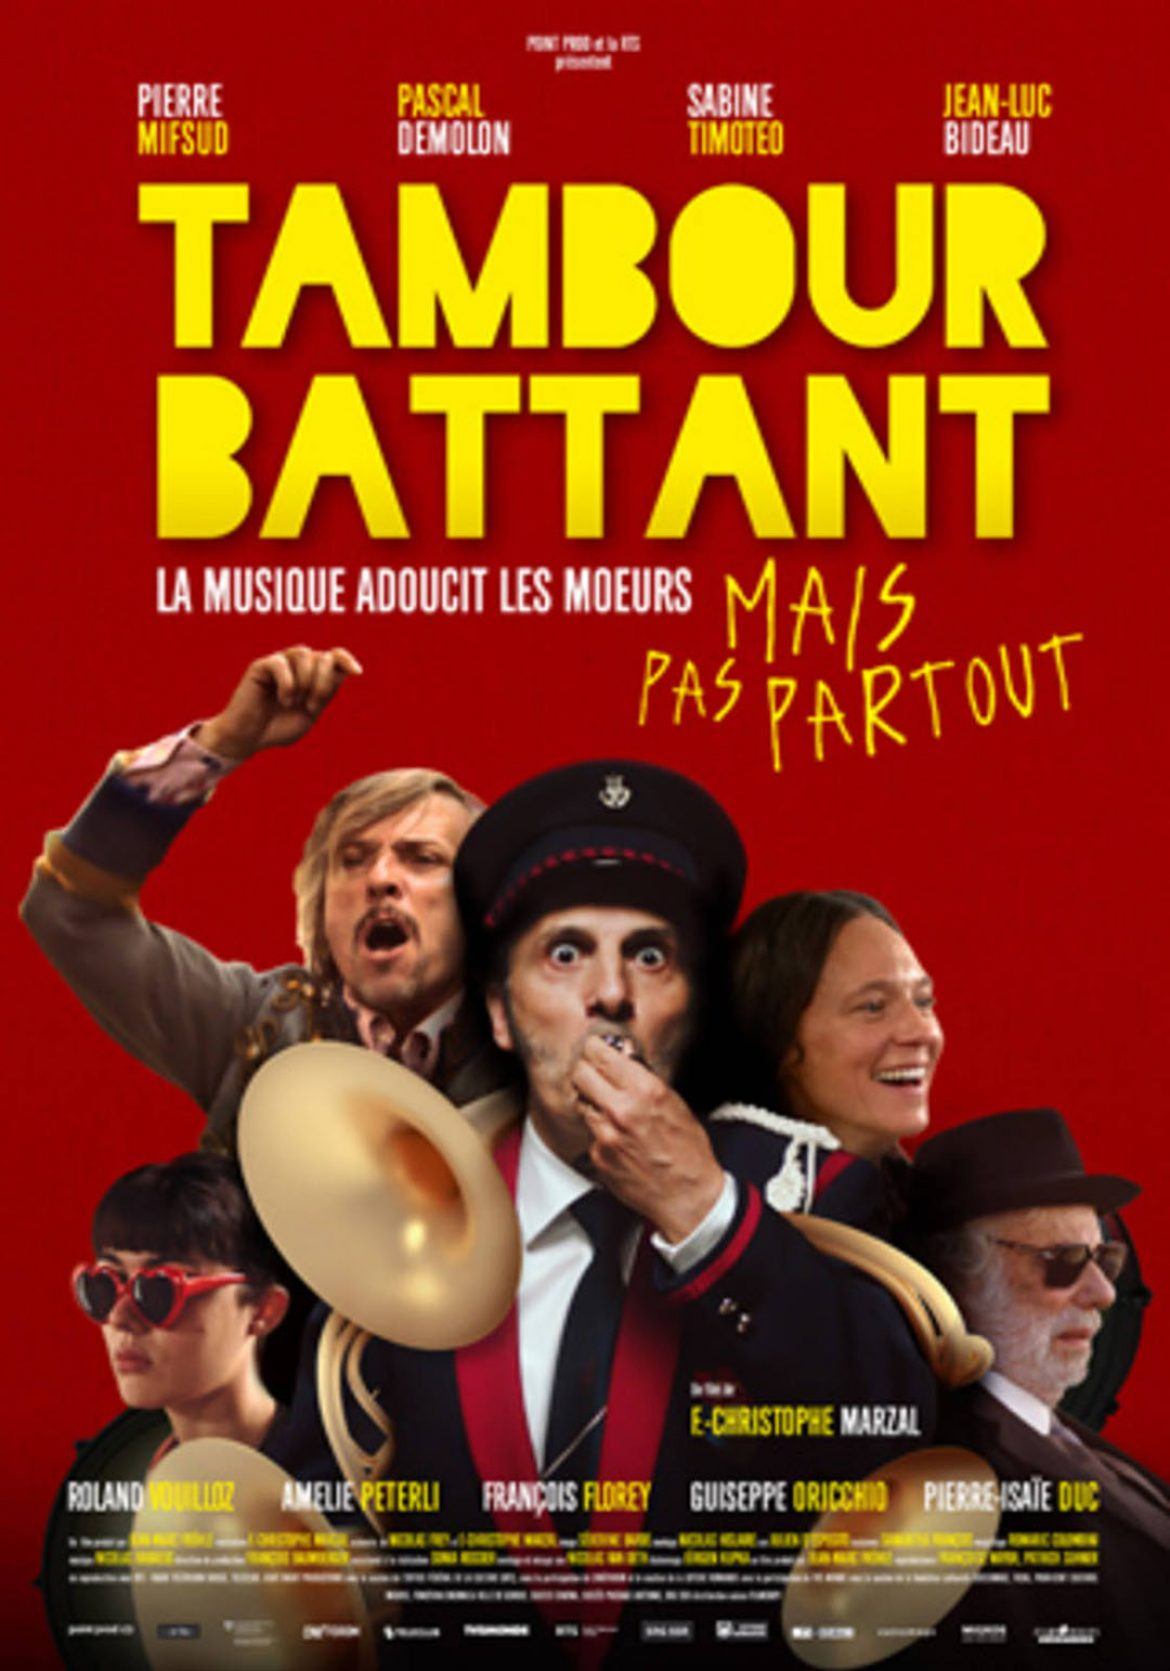 Ciné pour Tous: Tambour Battant